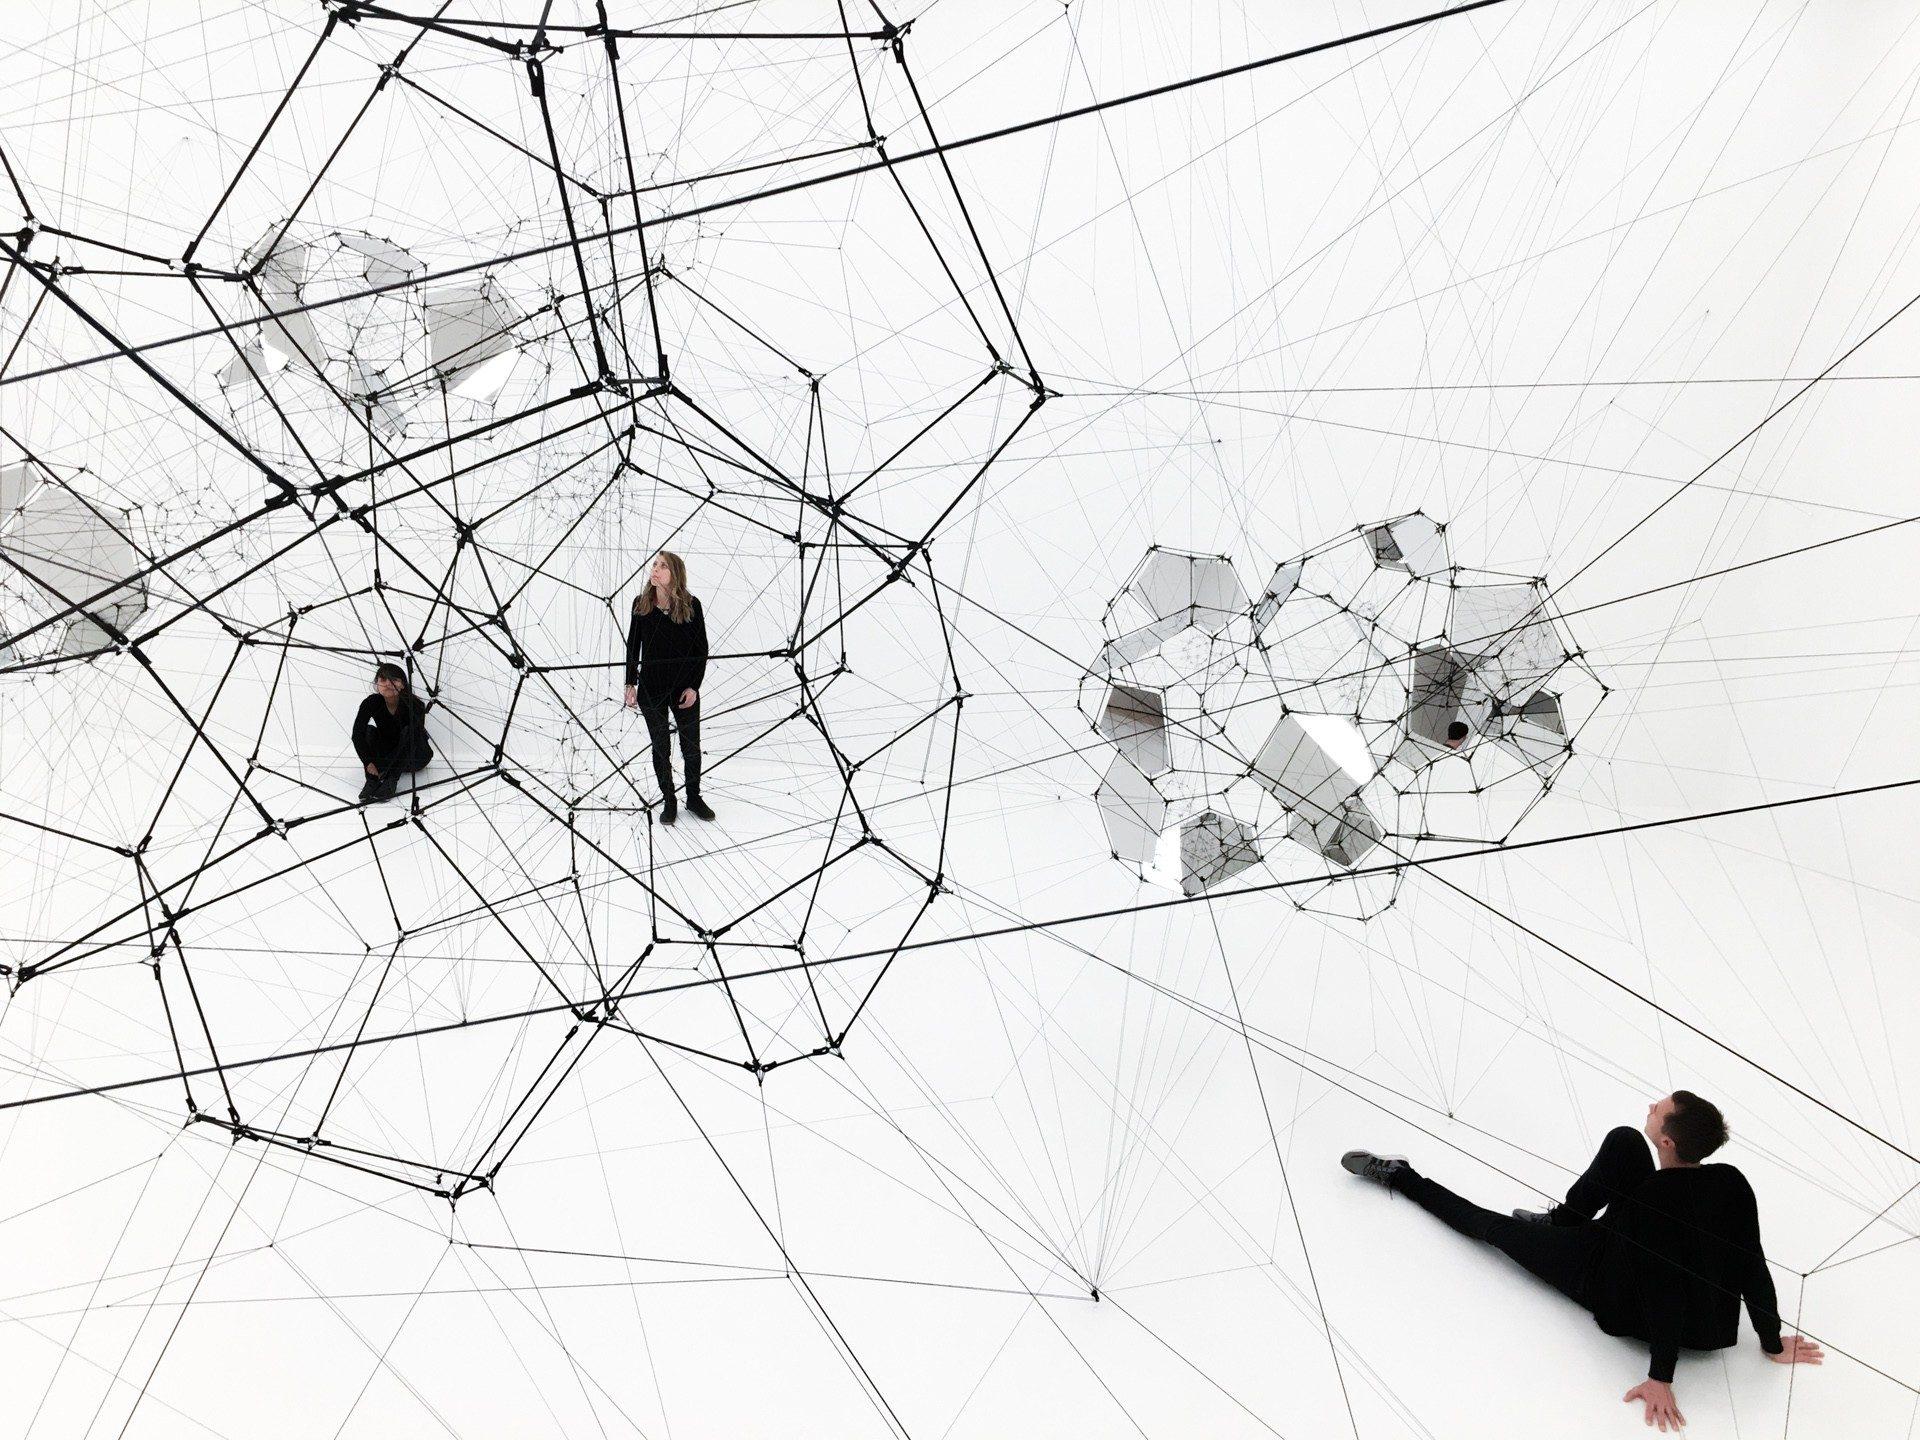 Stillness in Motion — Cloud Cities